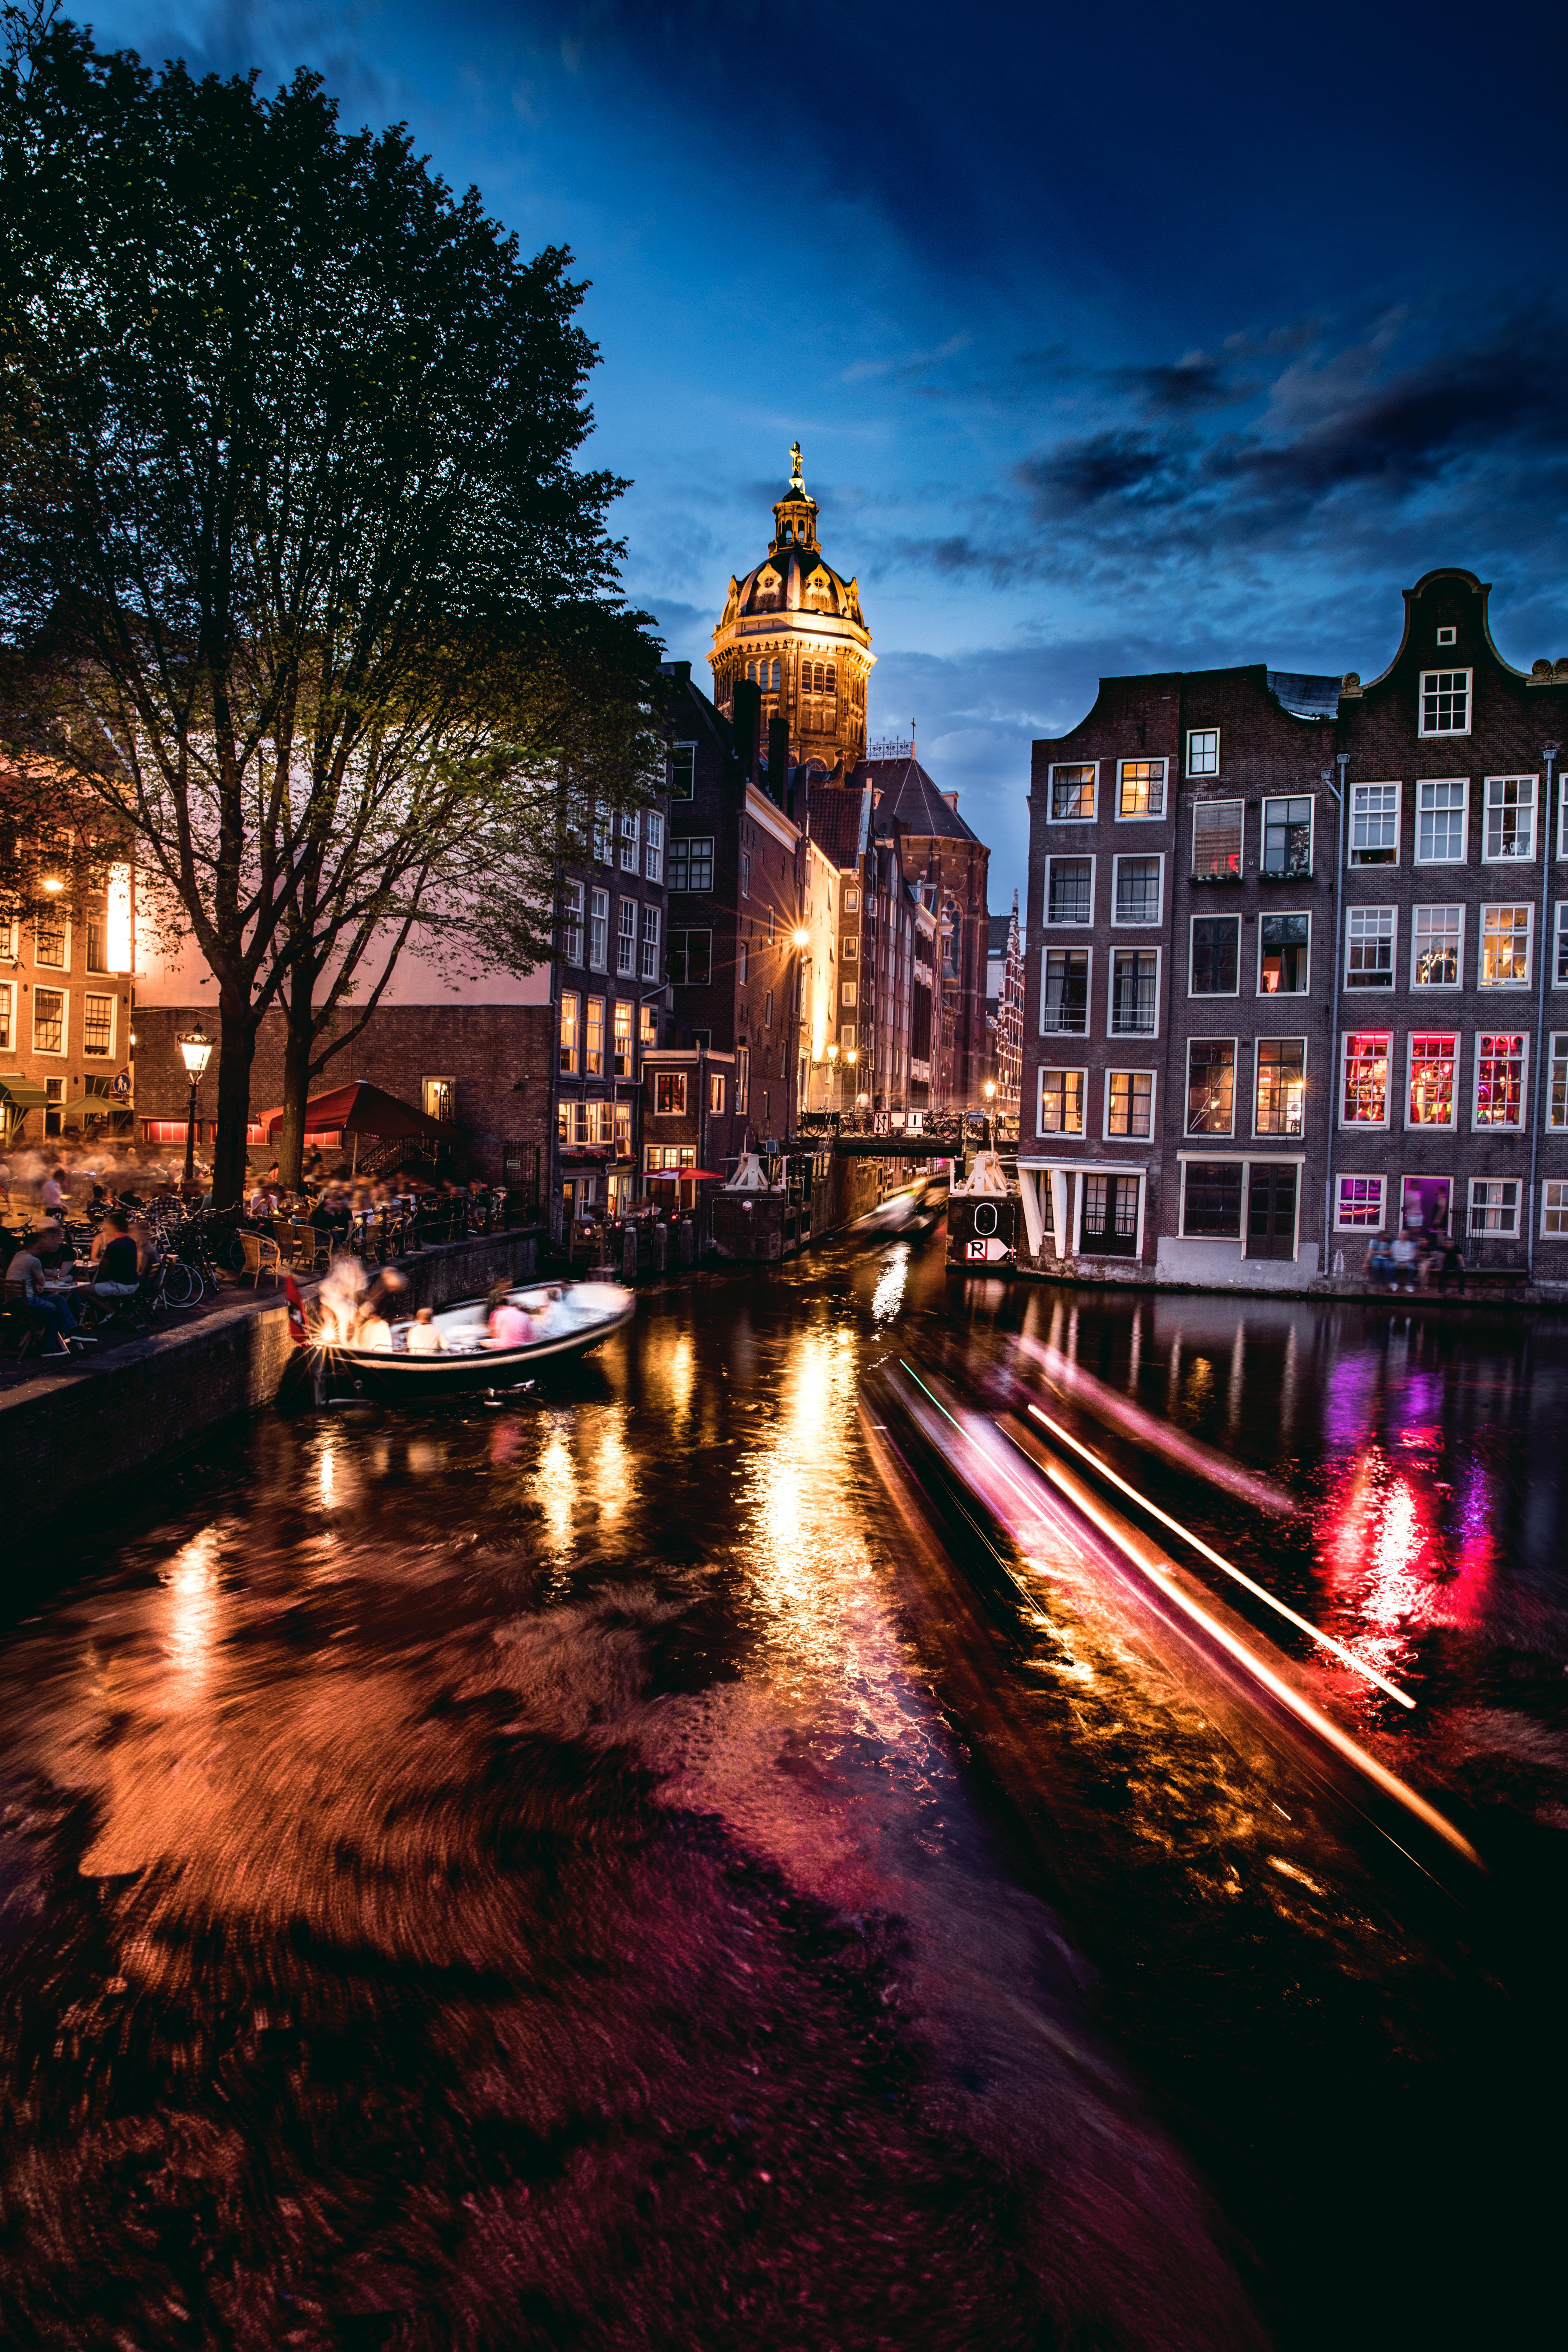 Alquila una canoa para pasear por los canales - Holanda Escapada Escapada a Ámsterdam